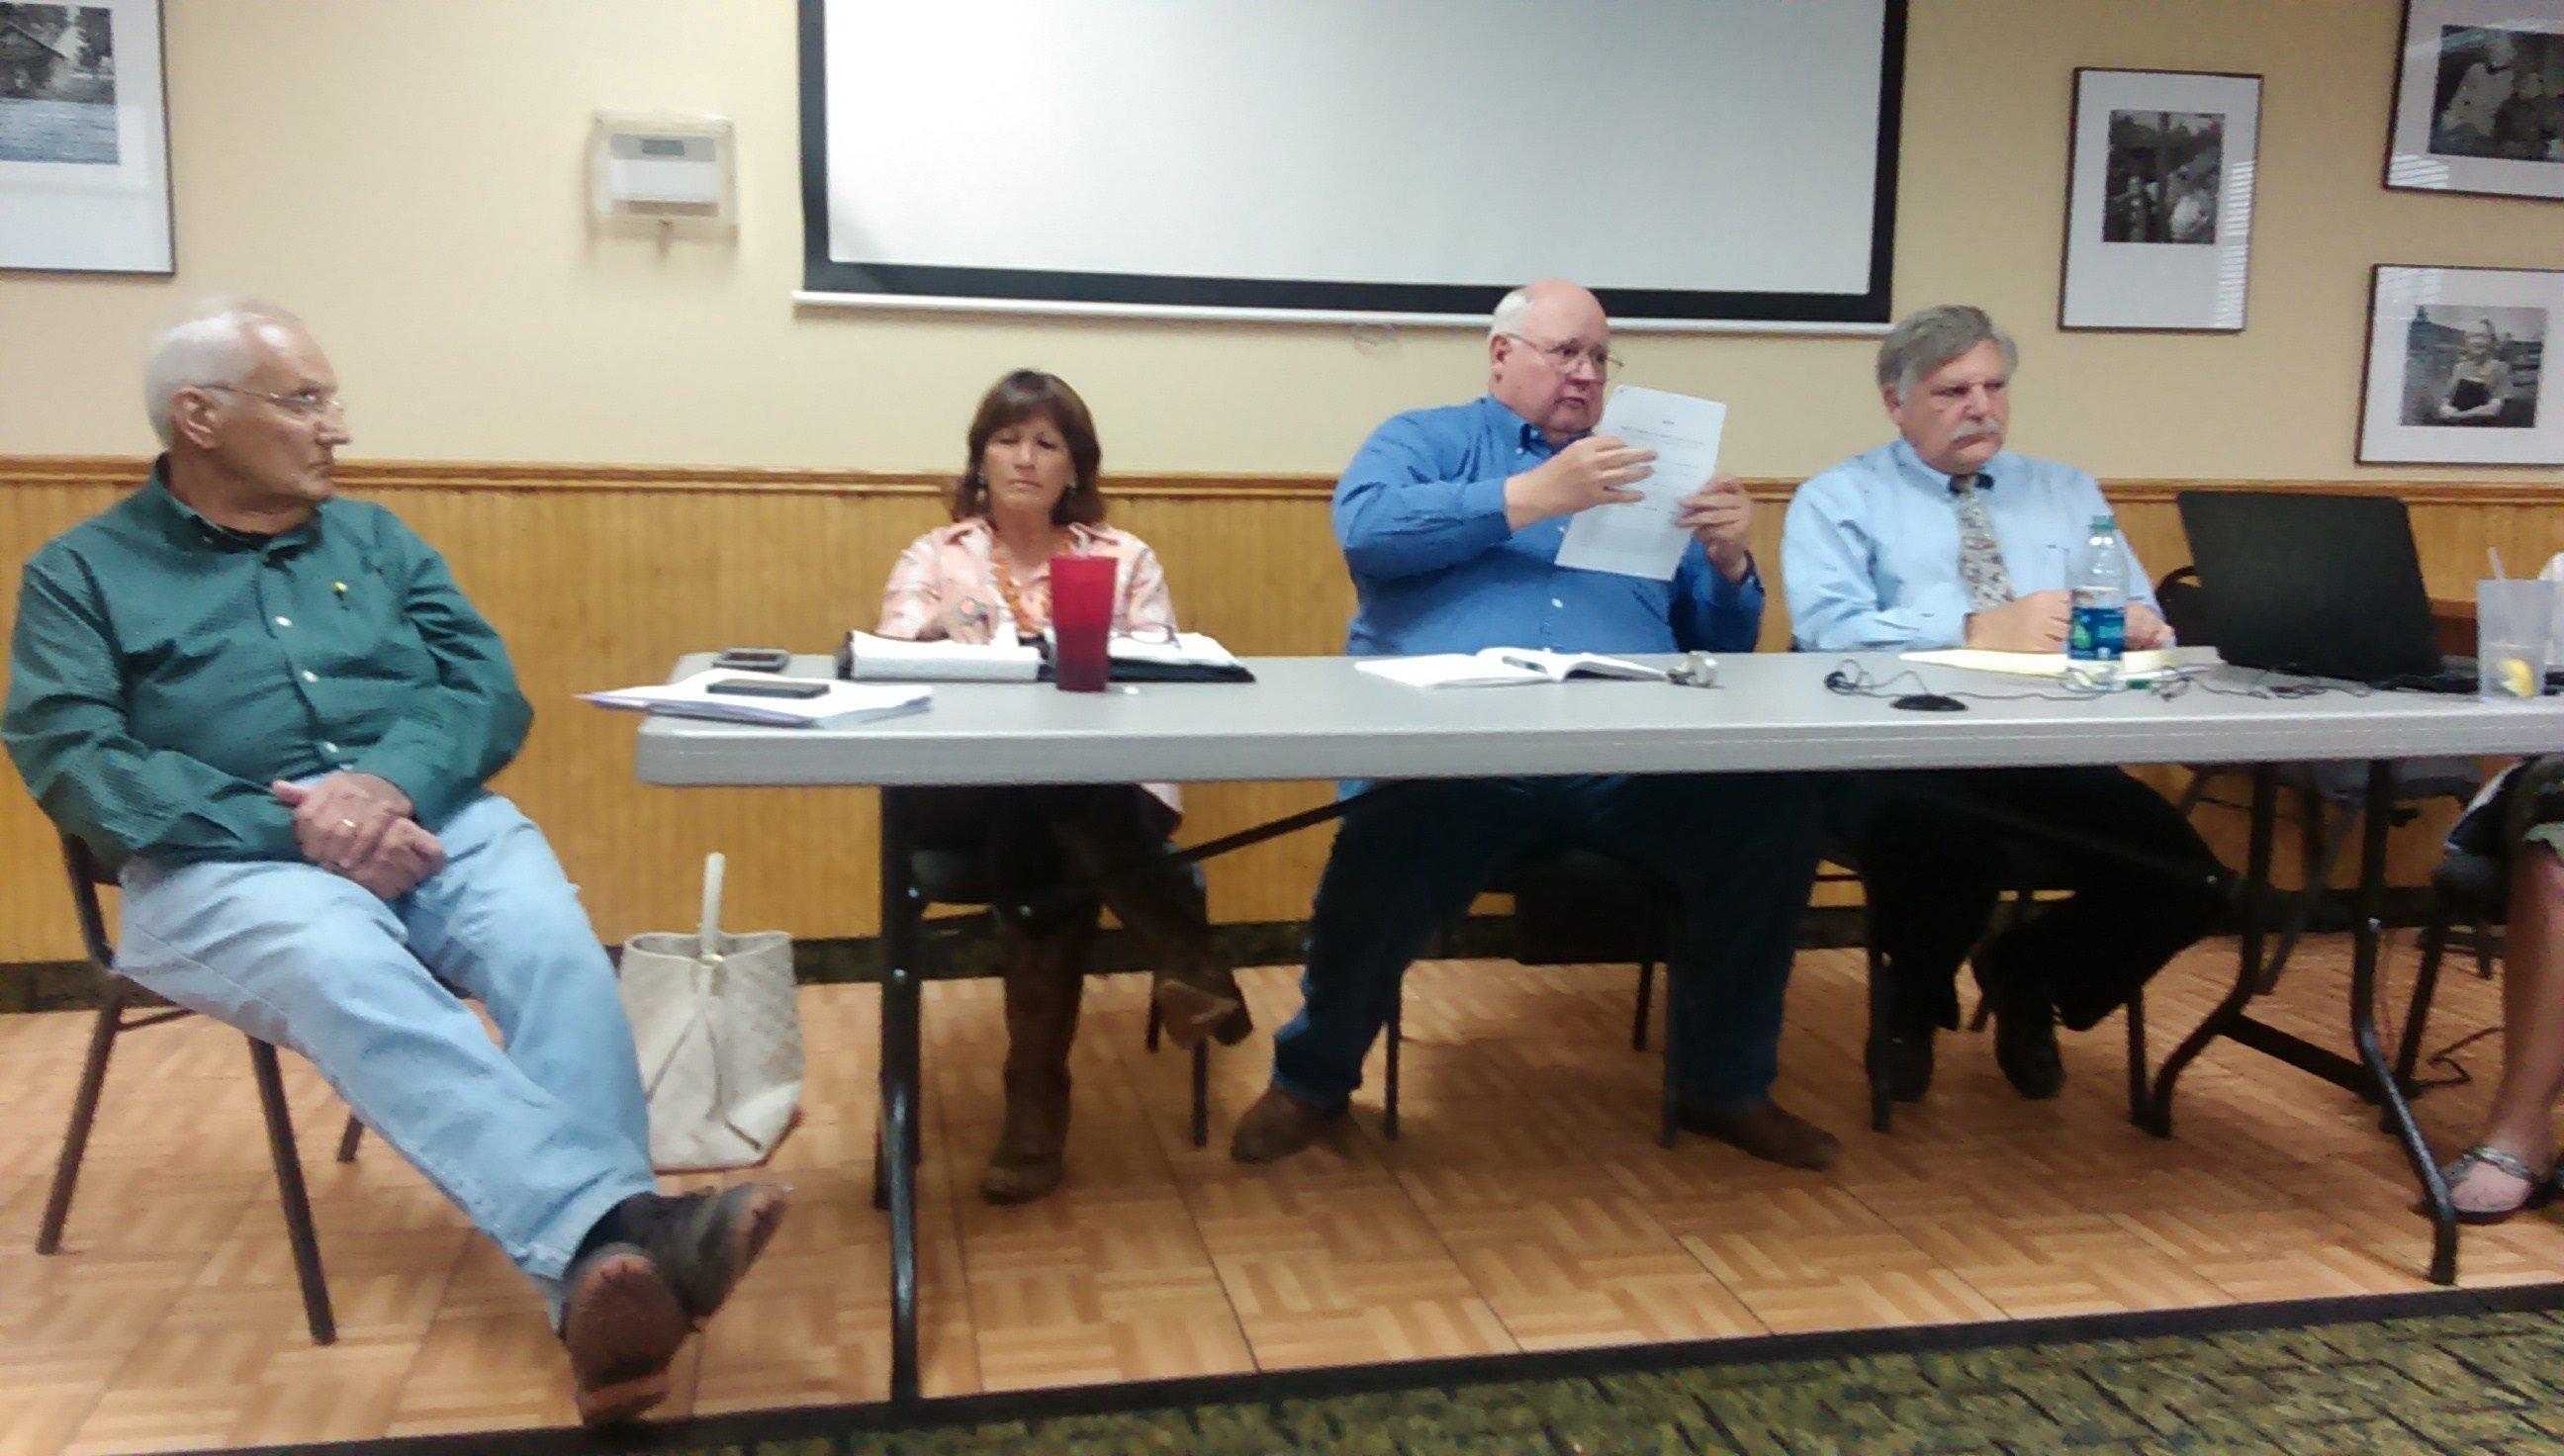 County Attorney Clint Smith, Commissioner Donna Hood, Commissioner Bob Kattnig and Commissioner Jay Printz. (Sangre de Cristo Sentinel)